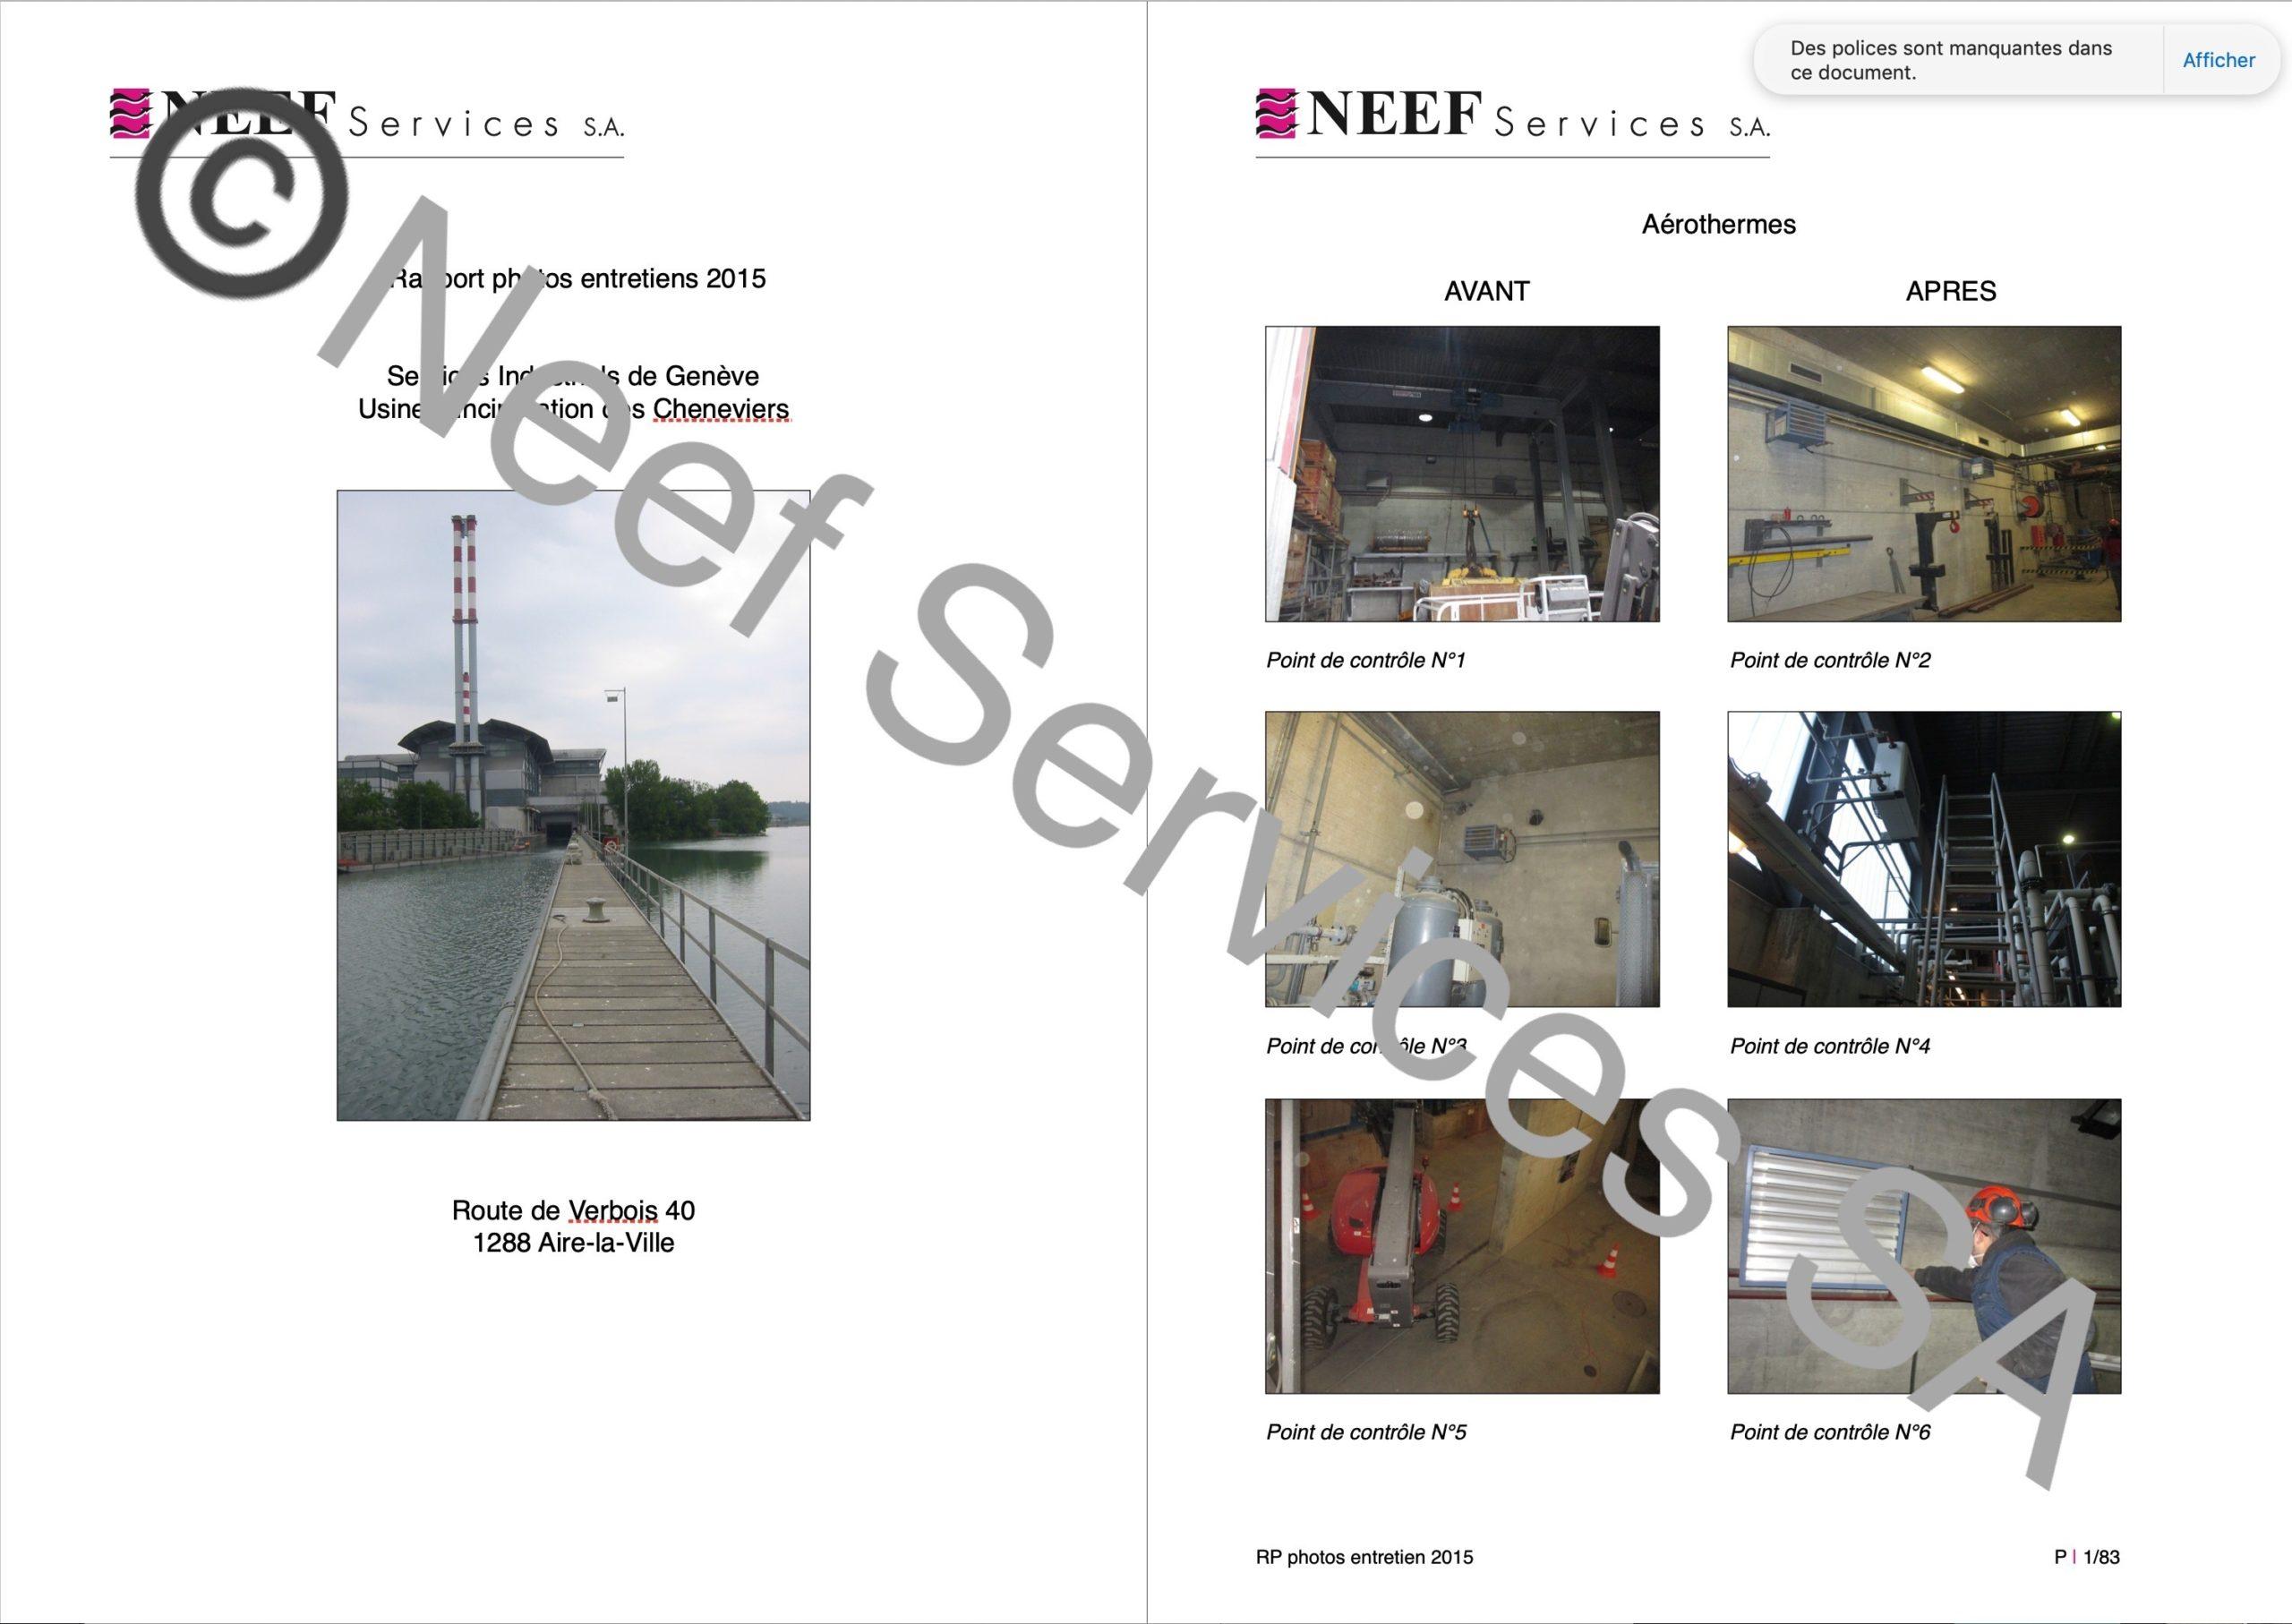 Neef Services SA_Rapport photos